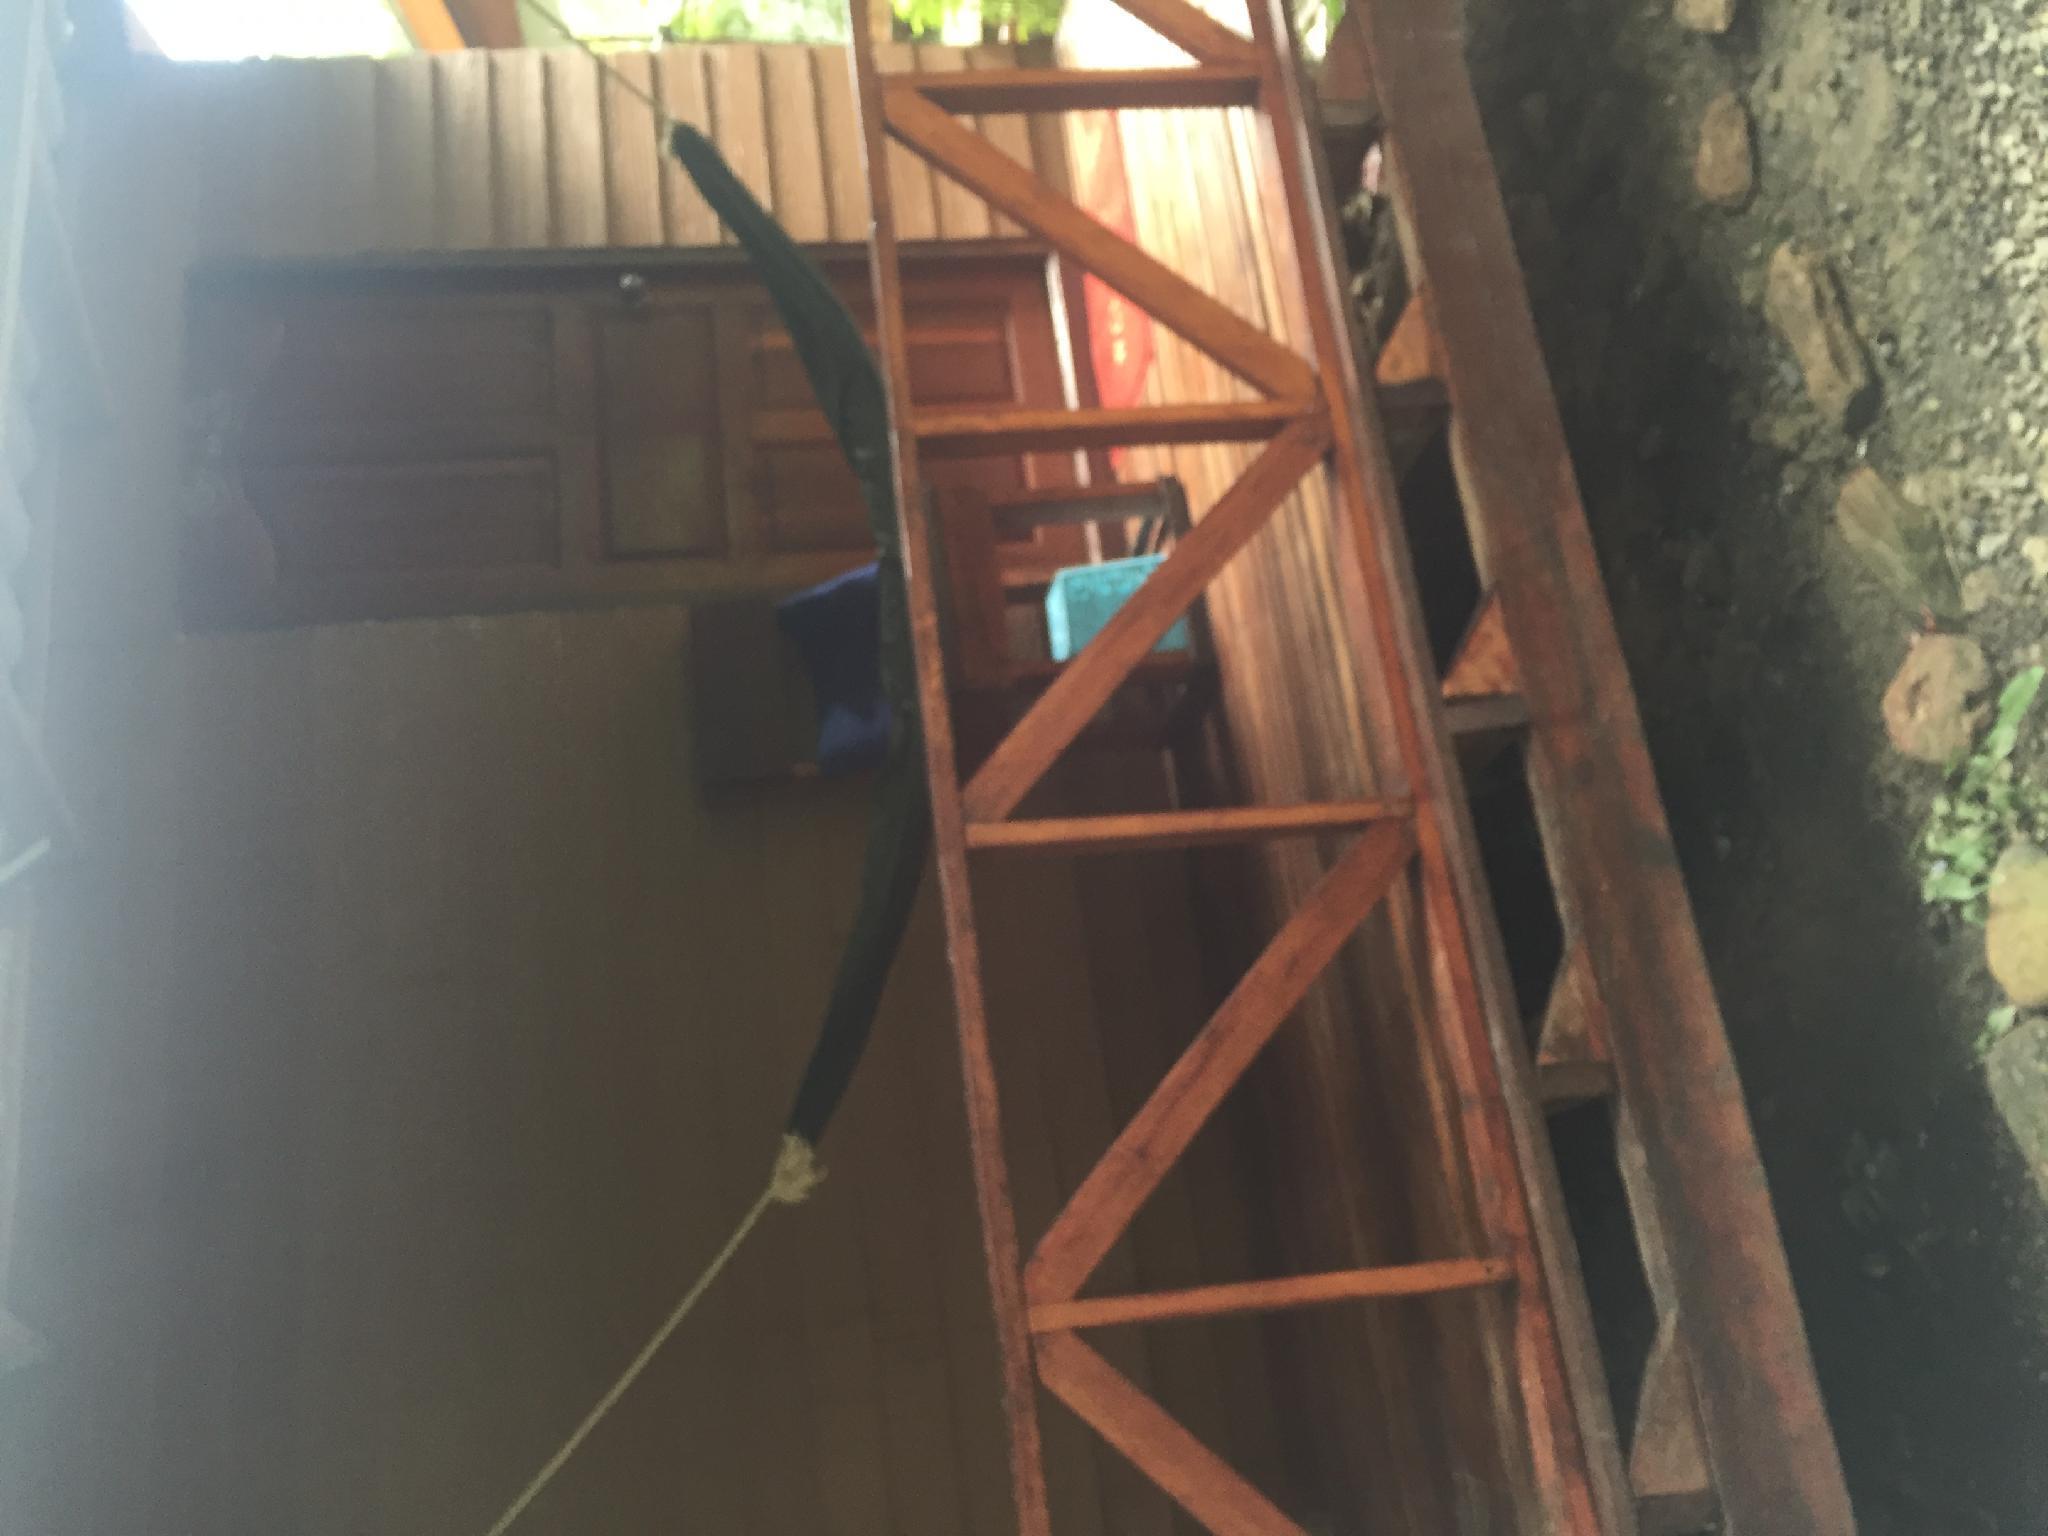 Lantacoconutgardenbungalow บังกะโล 1 ห้องนอน 0 ห้องน้ำส่วนตัว ขนาด 20 ตร.ม. – สังกะอู้